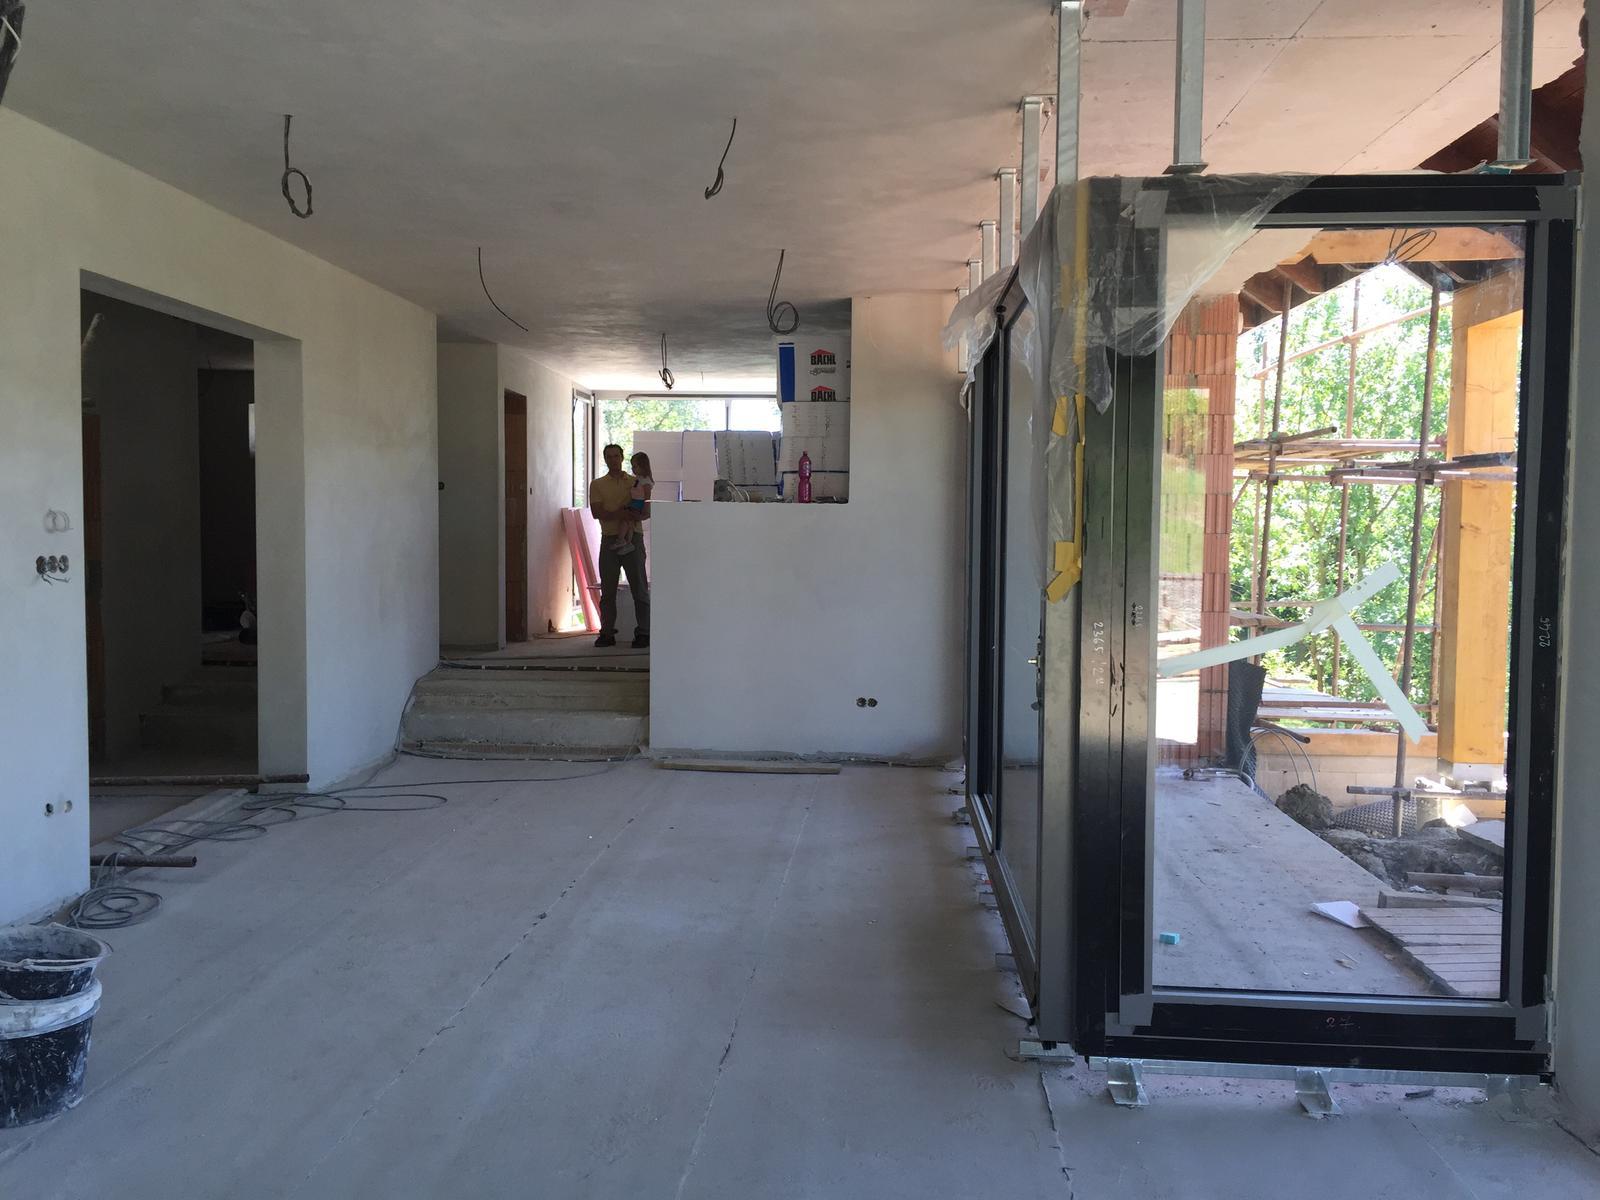 Začínáme..pokračujeme..finišujeme ;-) - Pohled z obýváku do kuchyně, vlevo chodba a schodiště..